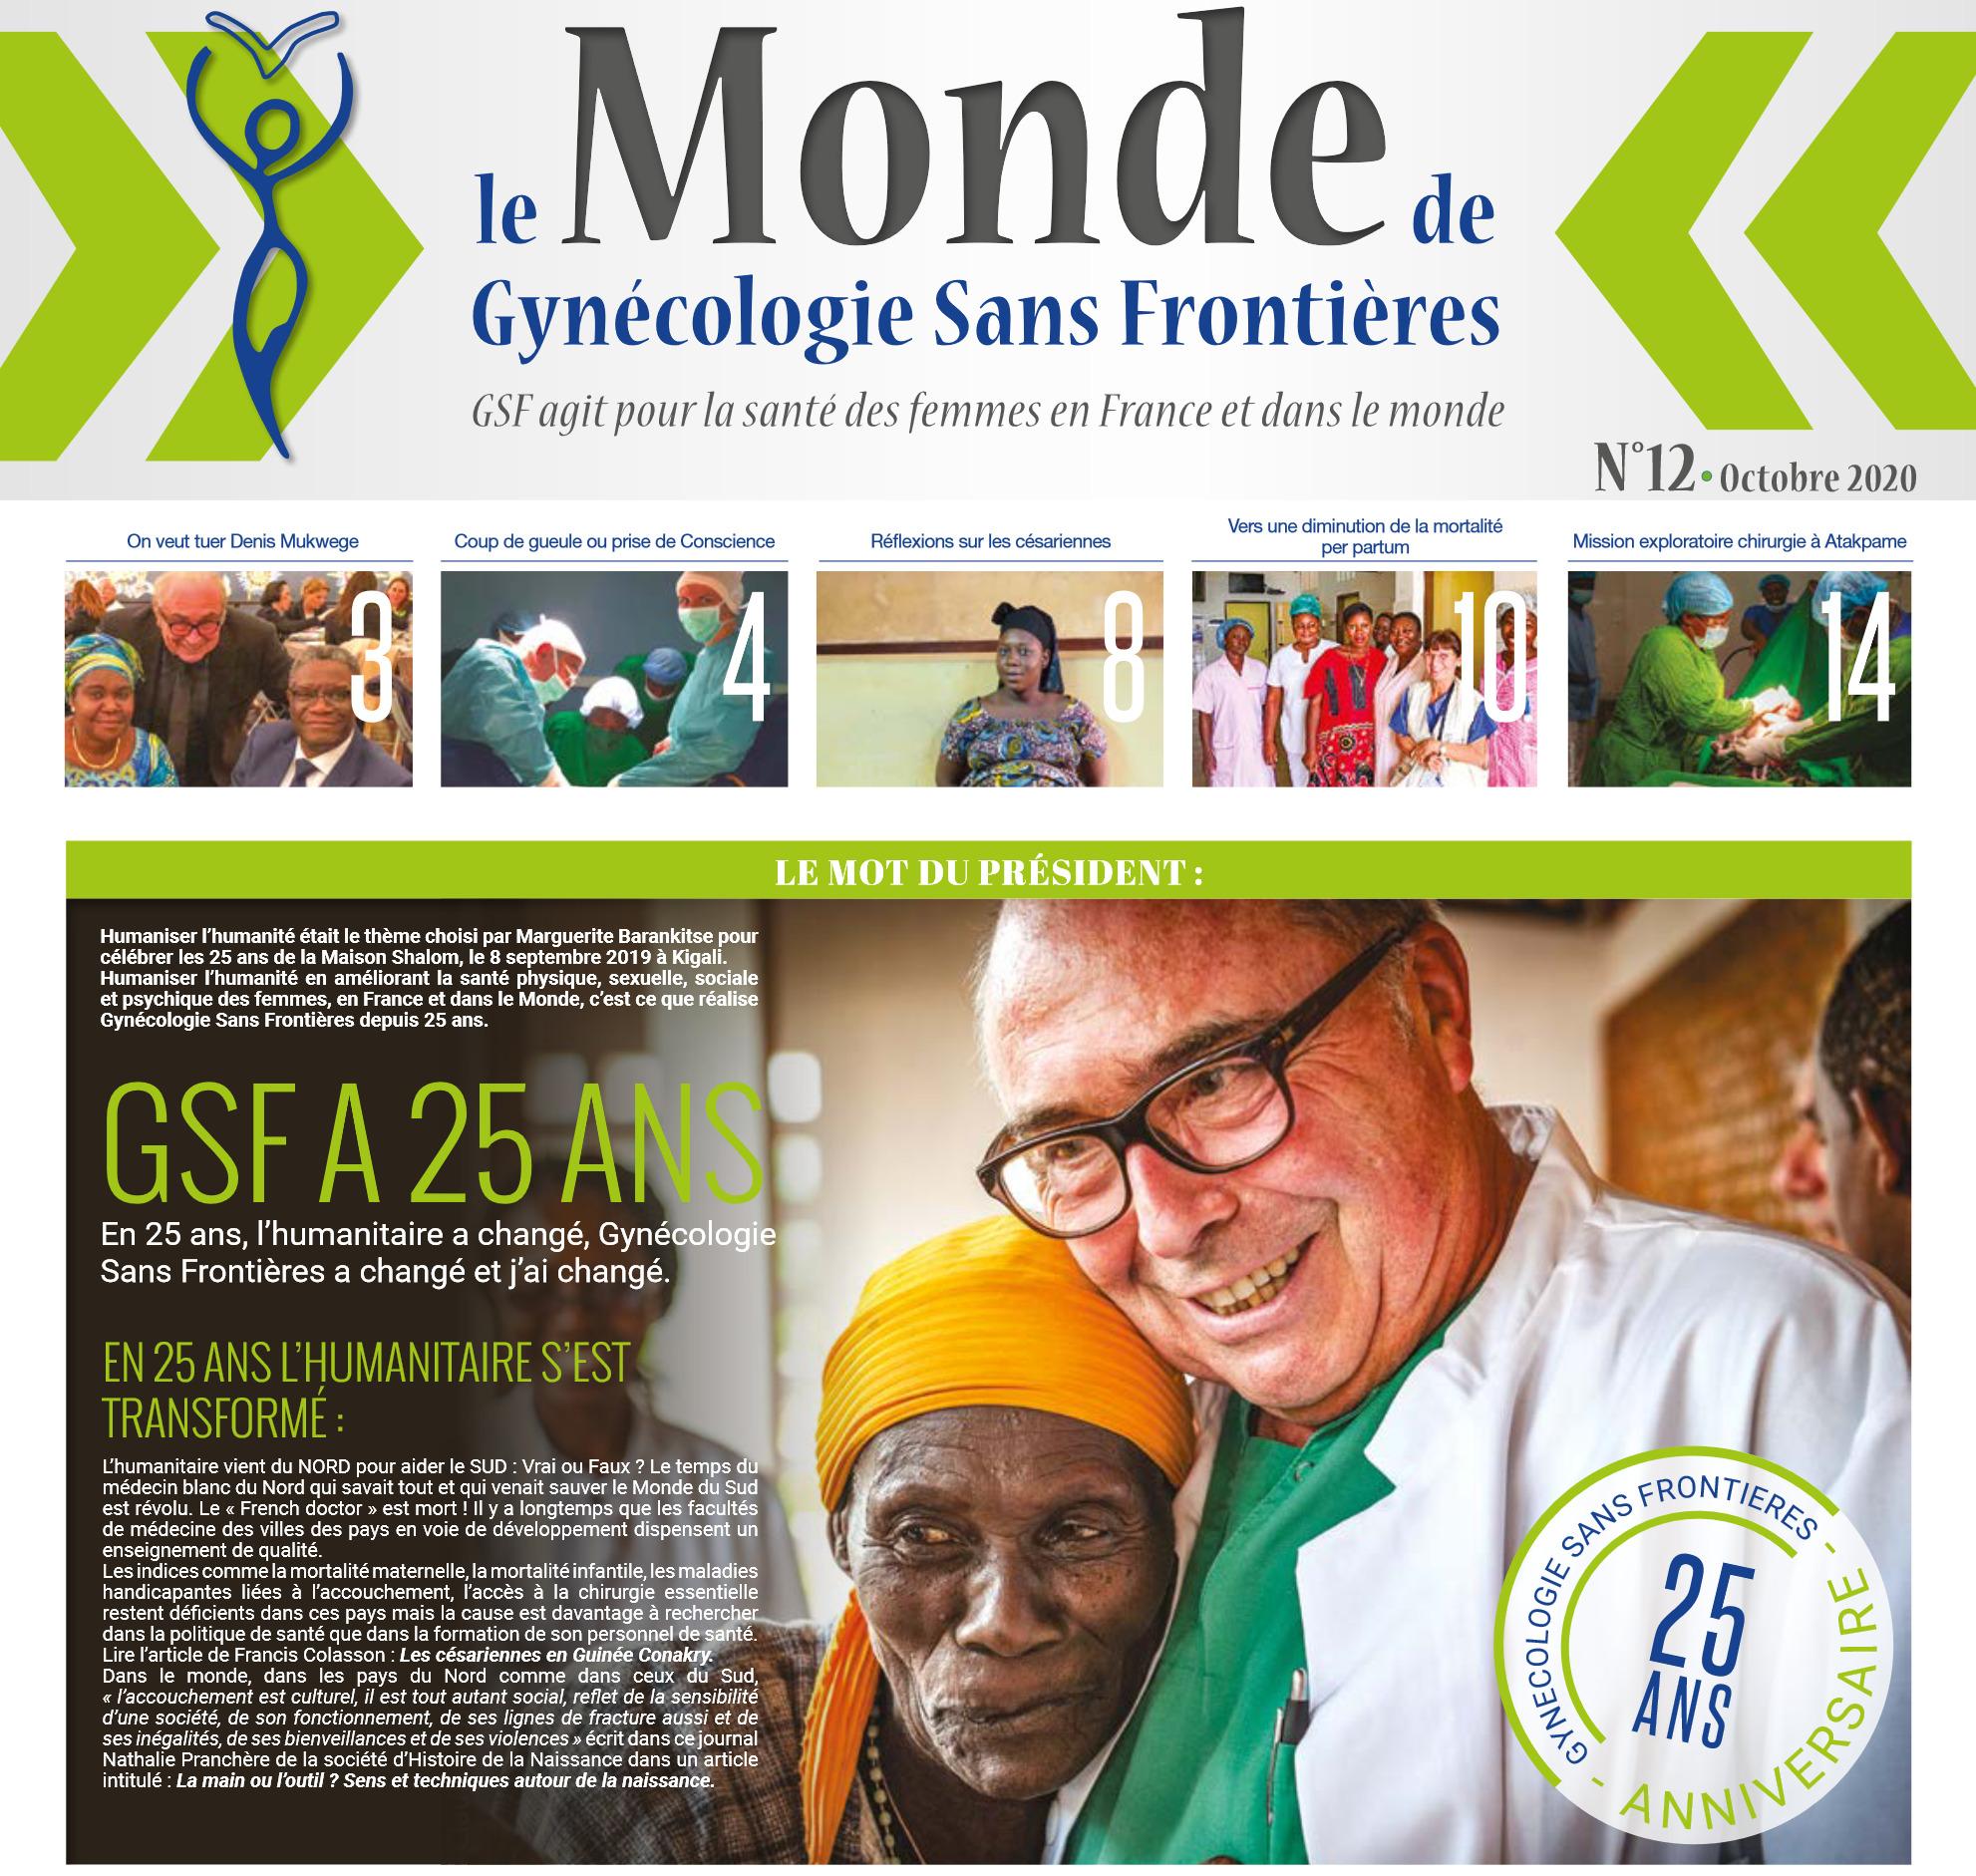 Le Monde de Gynécologie Sans Frontières : GSF a 25 ans !